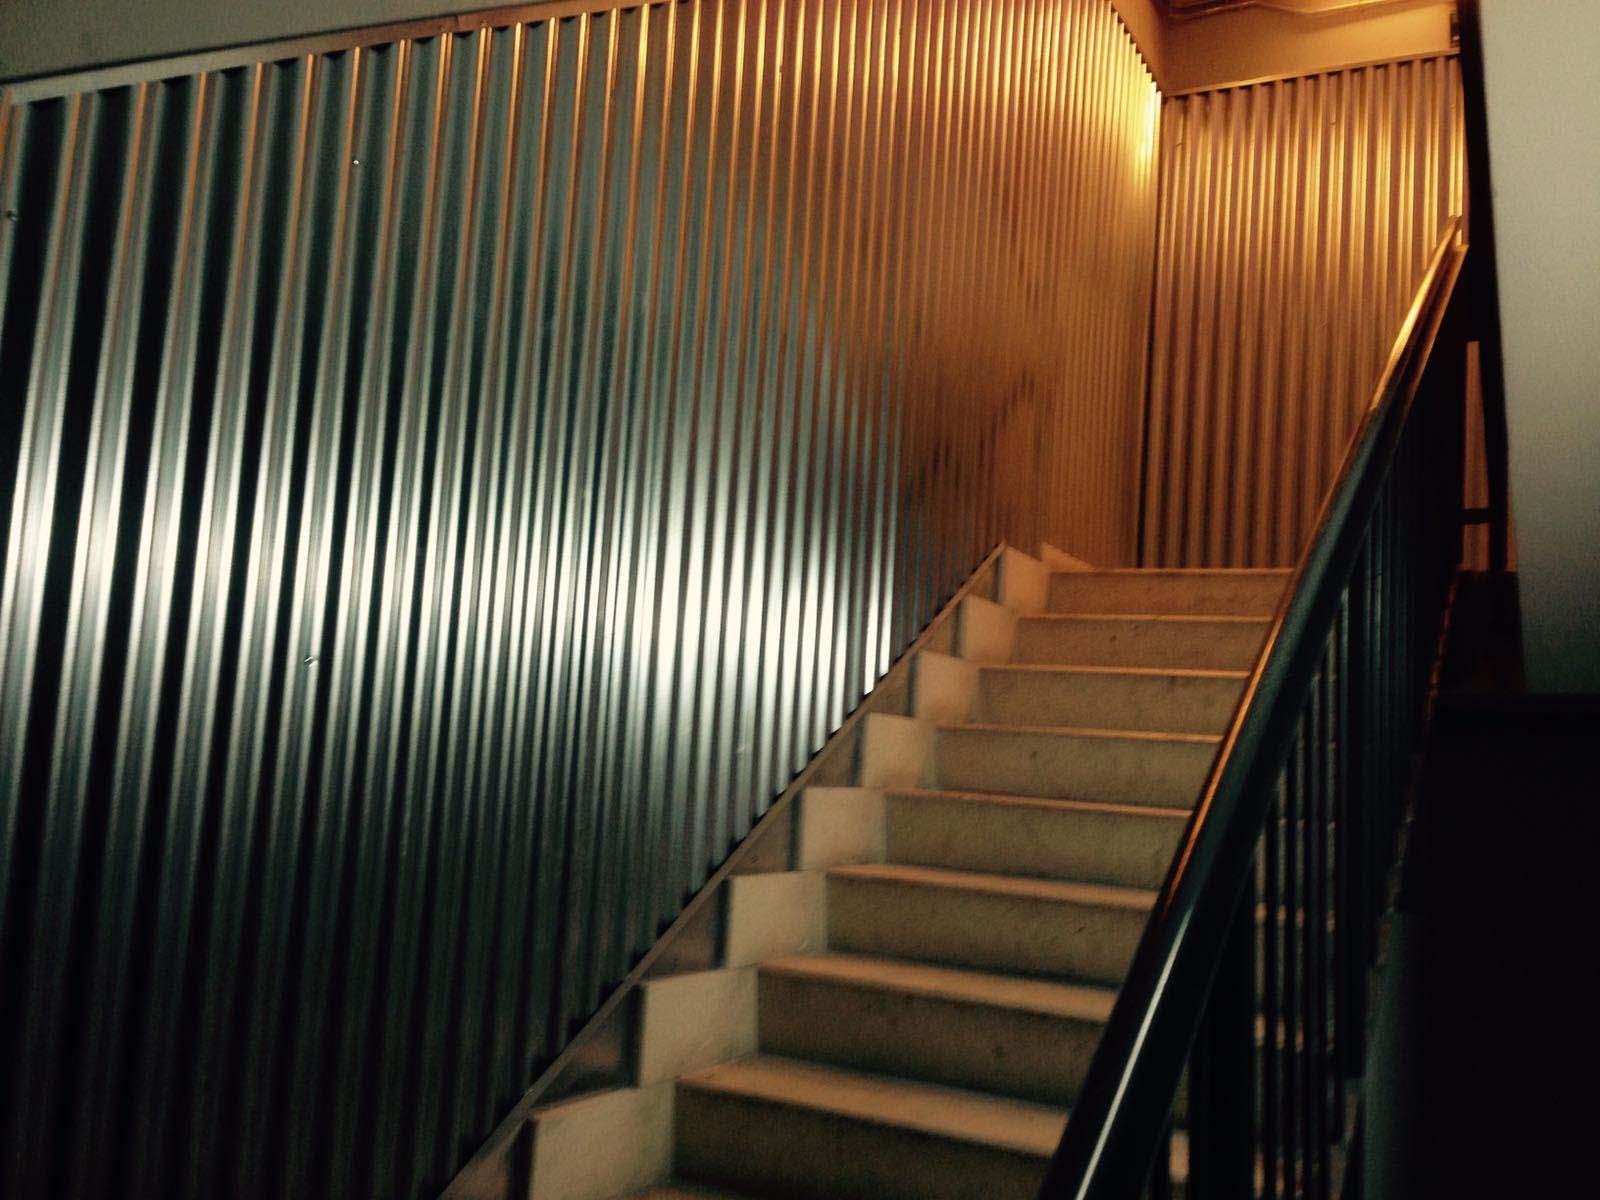 Escaparates y estructuras interior para forrar paredes por Cerrajería Keymar